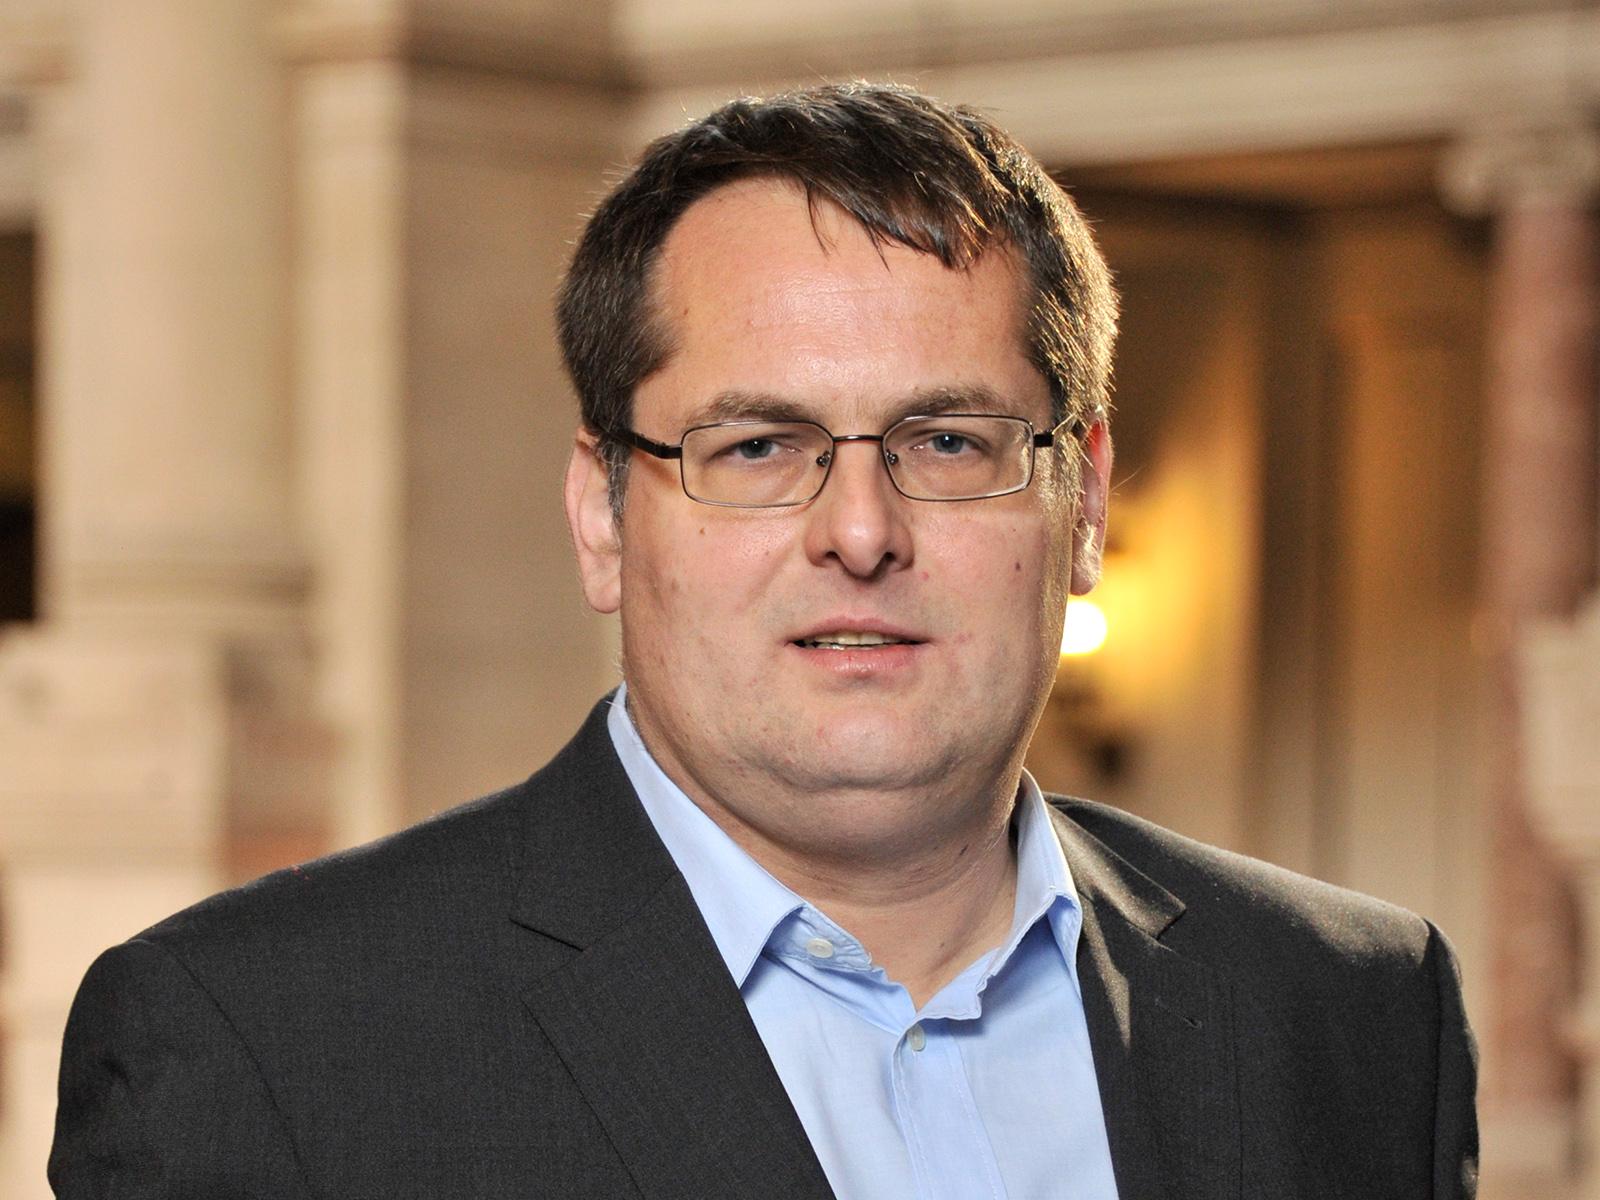 Dirk Machentanz